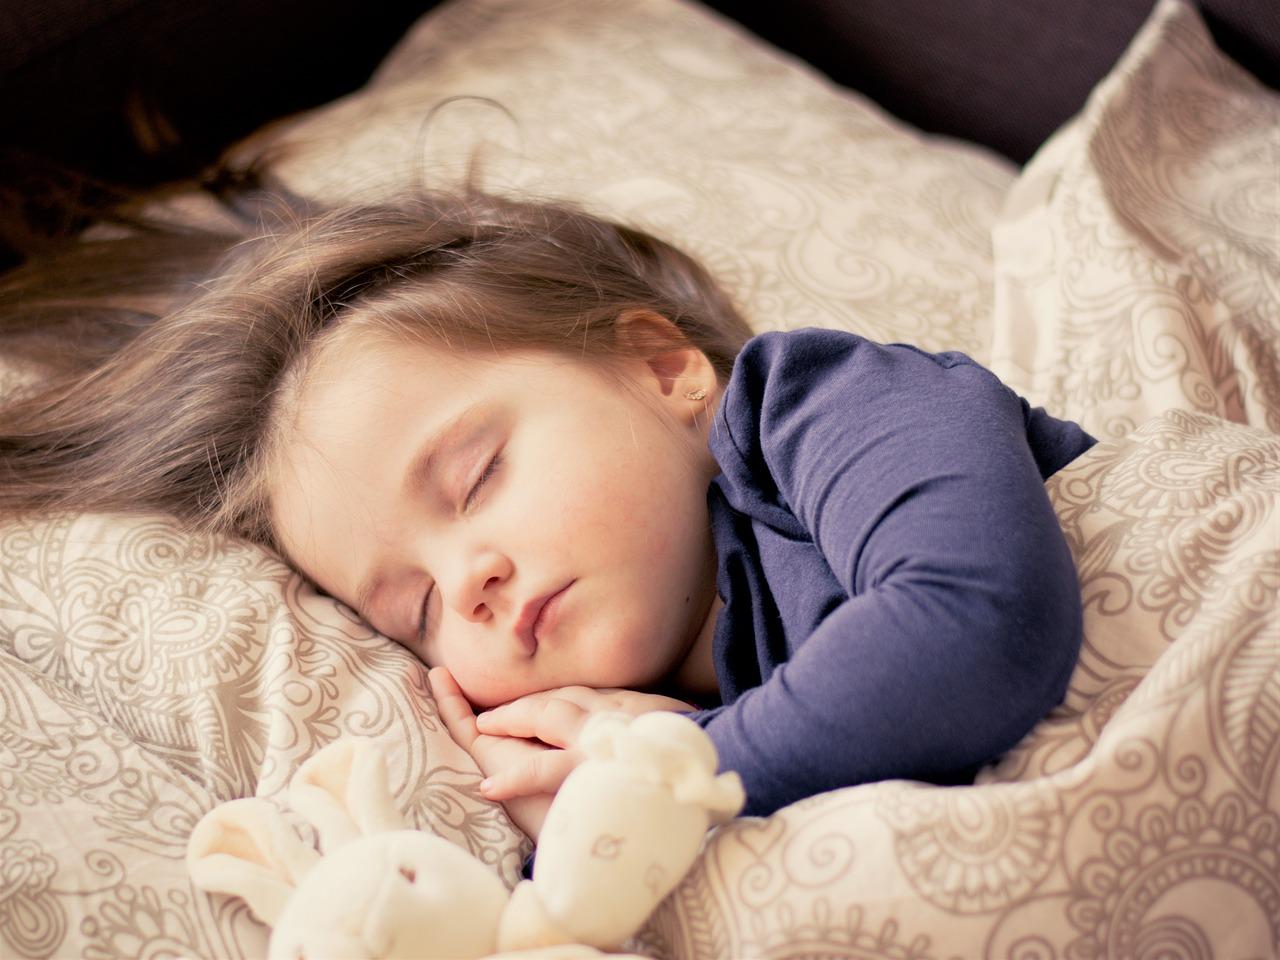 copil la somn